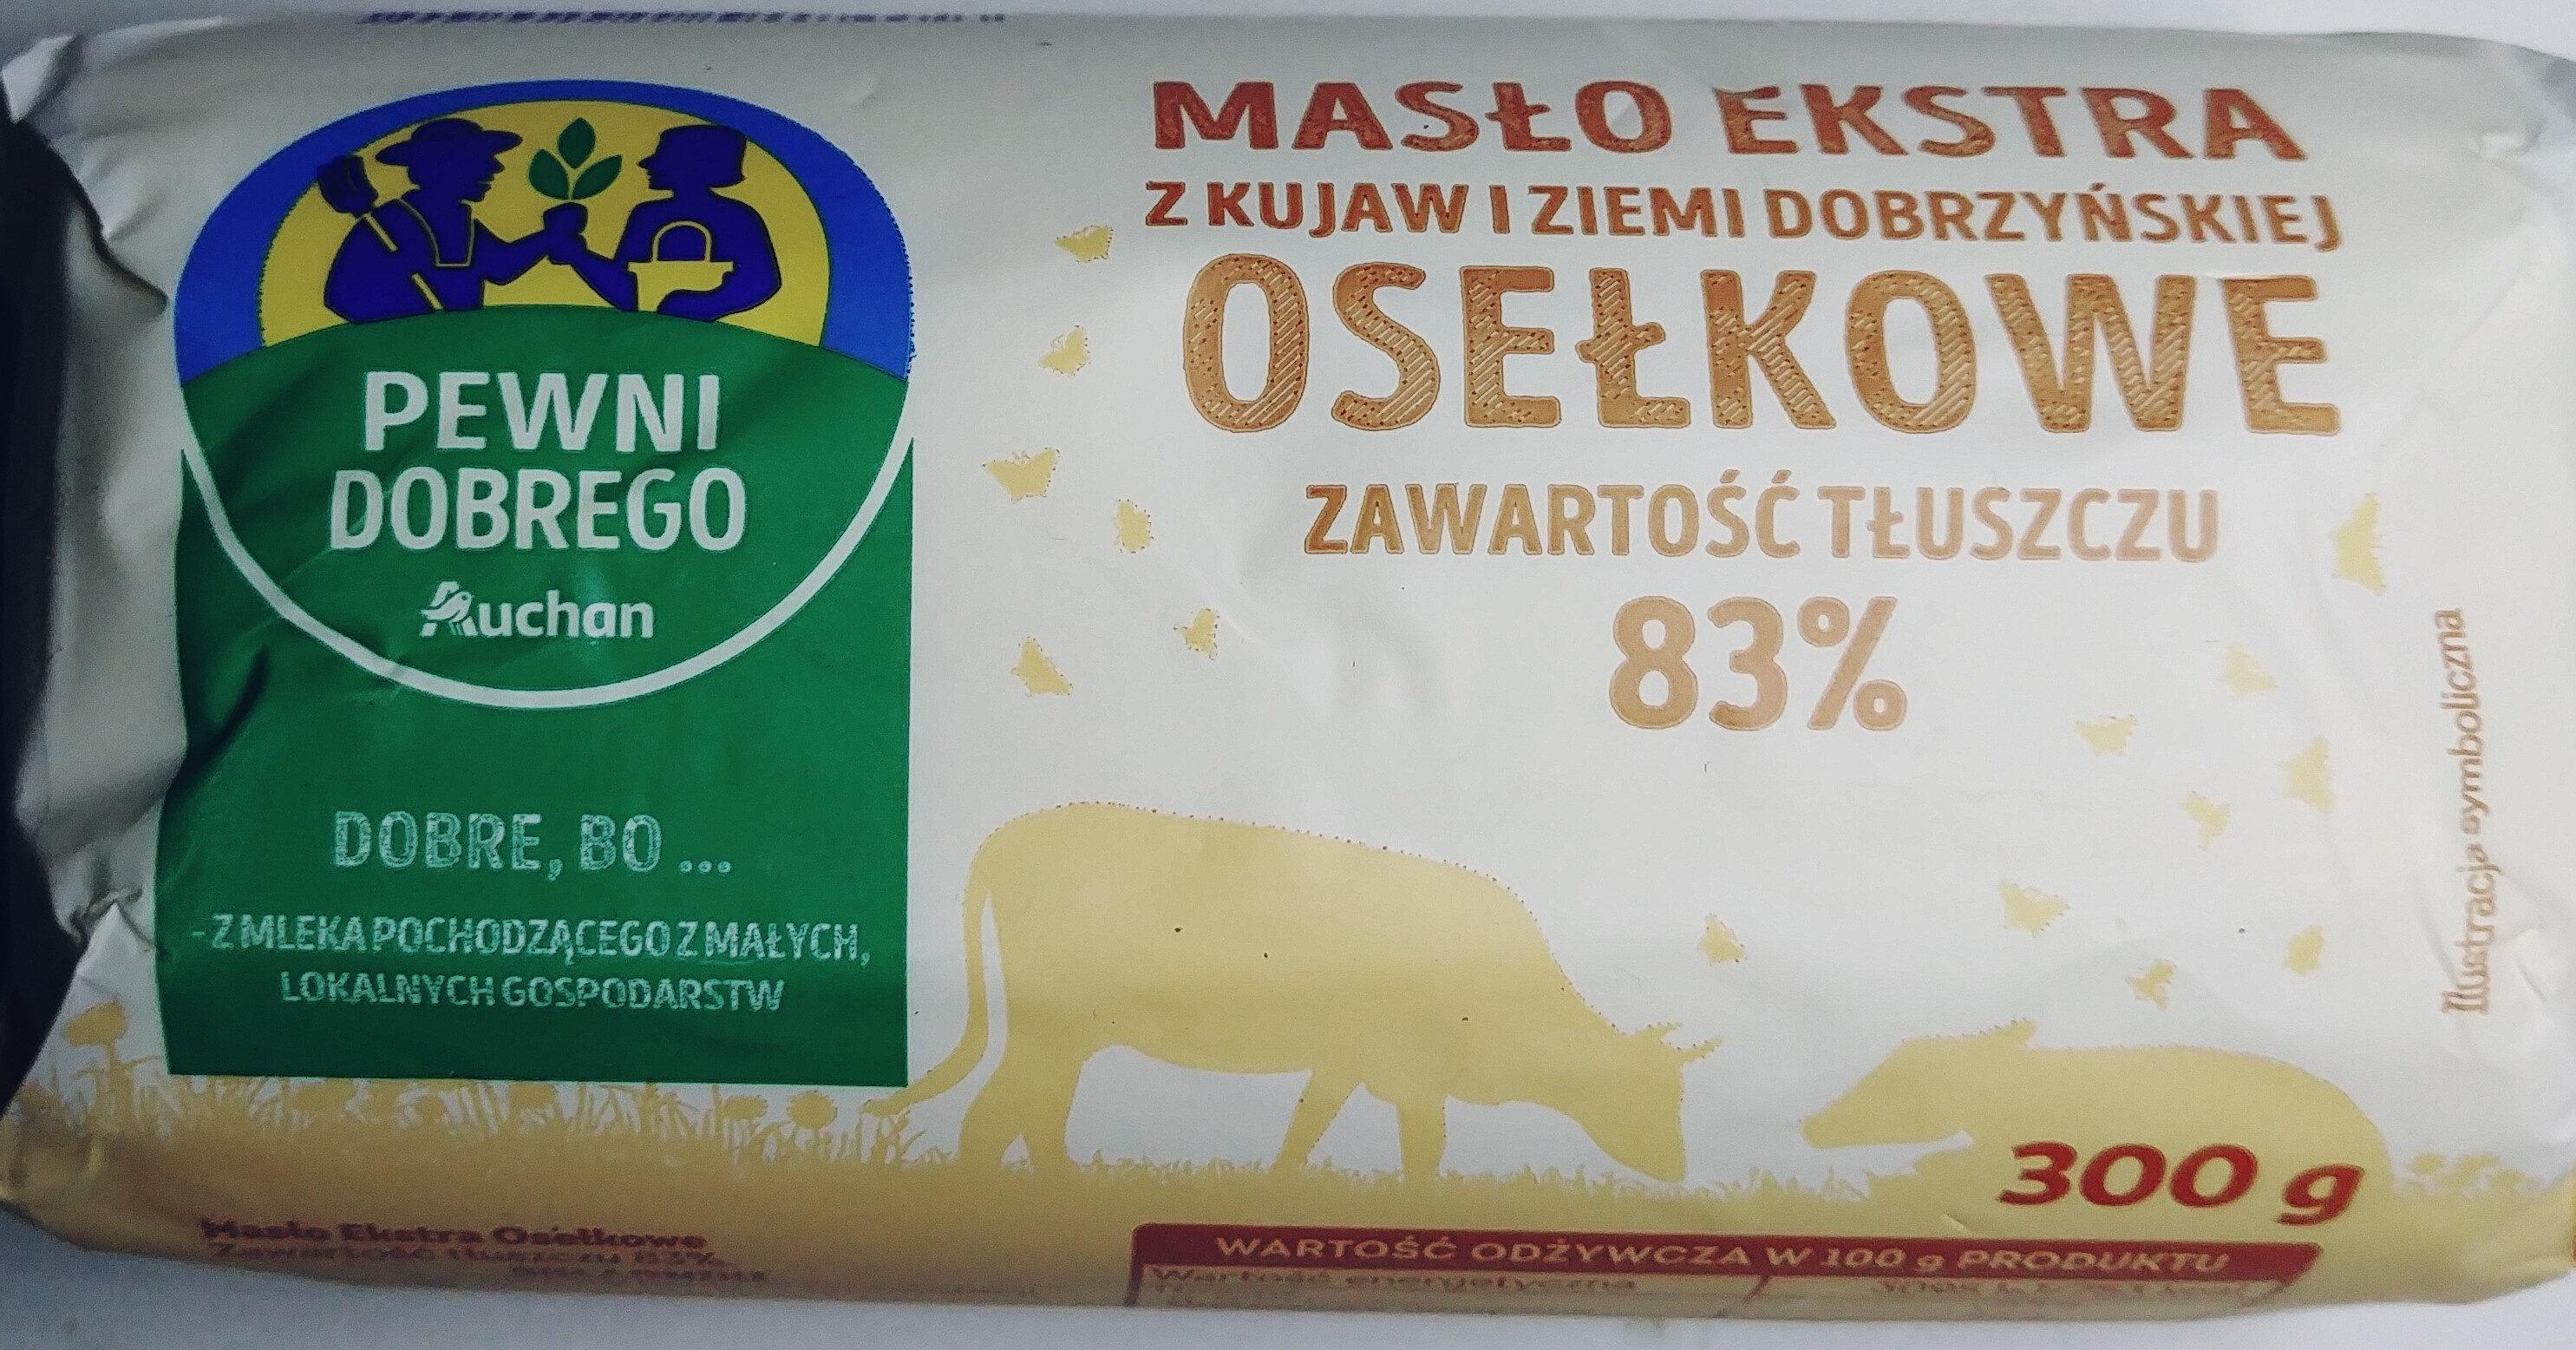 Masło ekstra z Kujaw i ziemi dobrzyńskiej - Produkt - pl